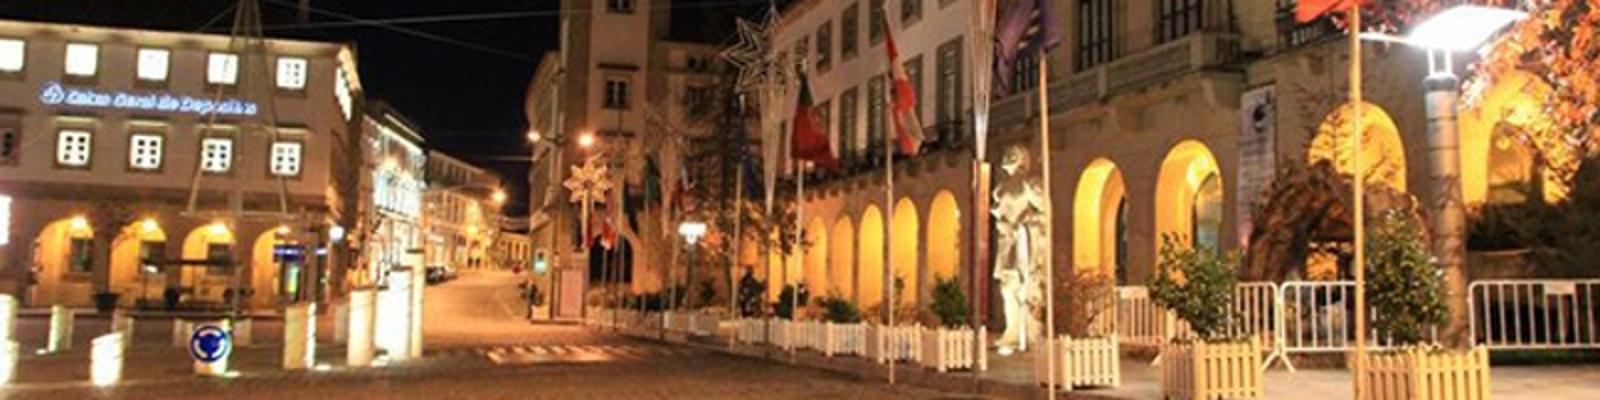 Municipality Square